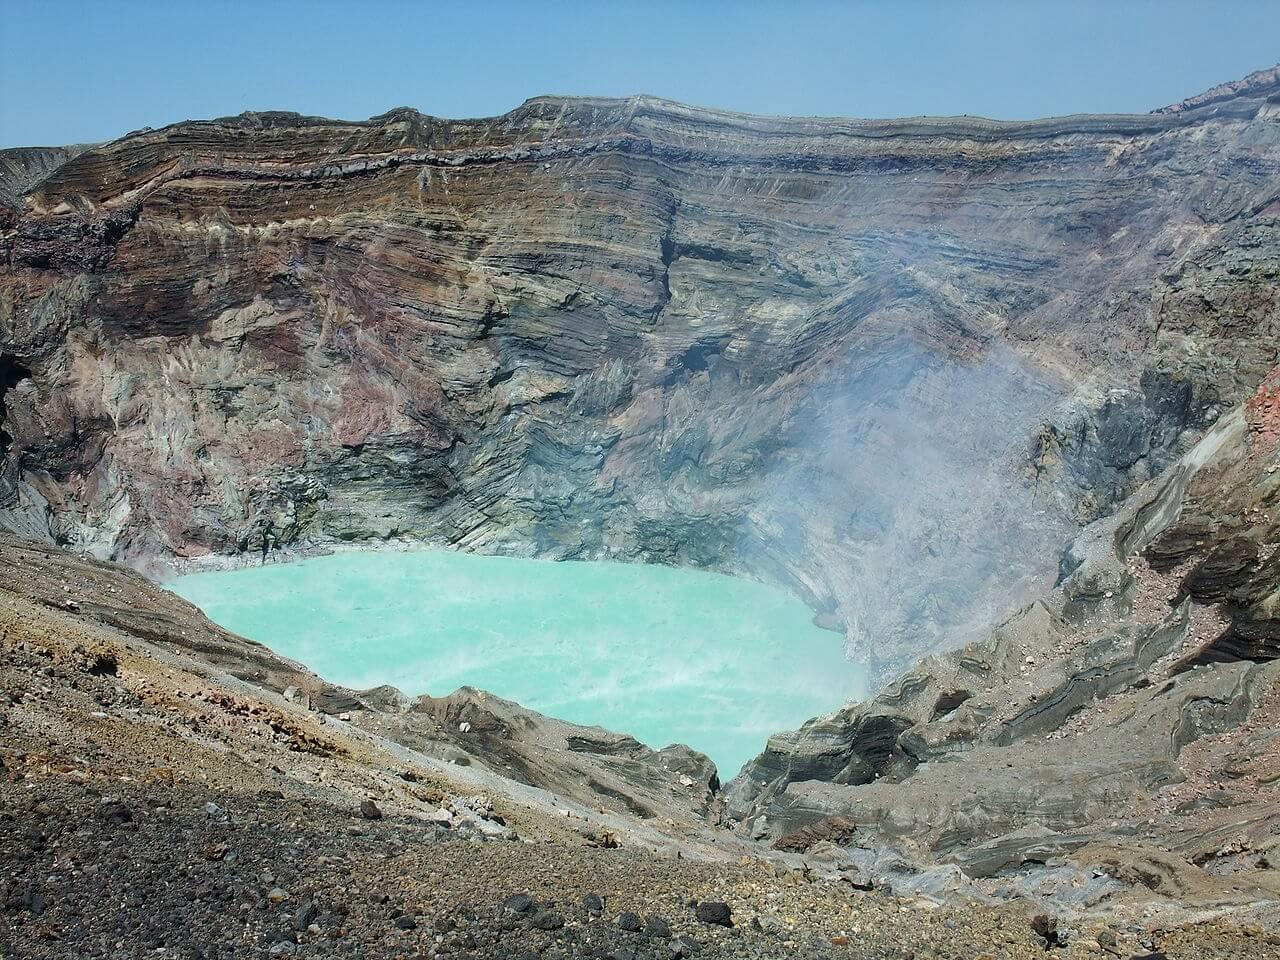 Monte Aso, il cratere del Nakadake. L'Aso si trova in Kyushu, Giappone